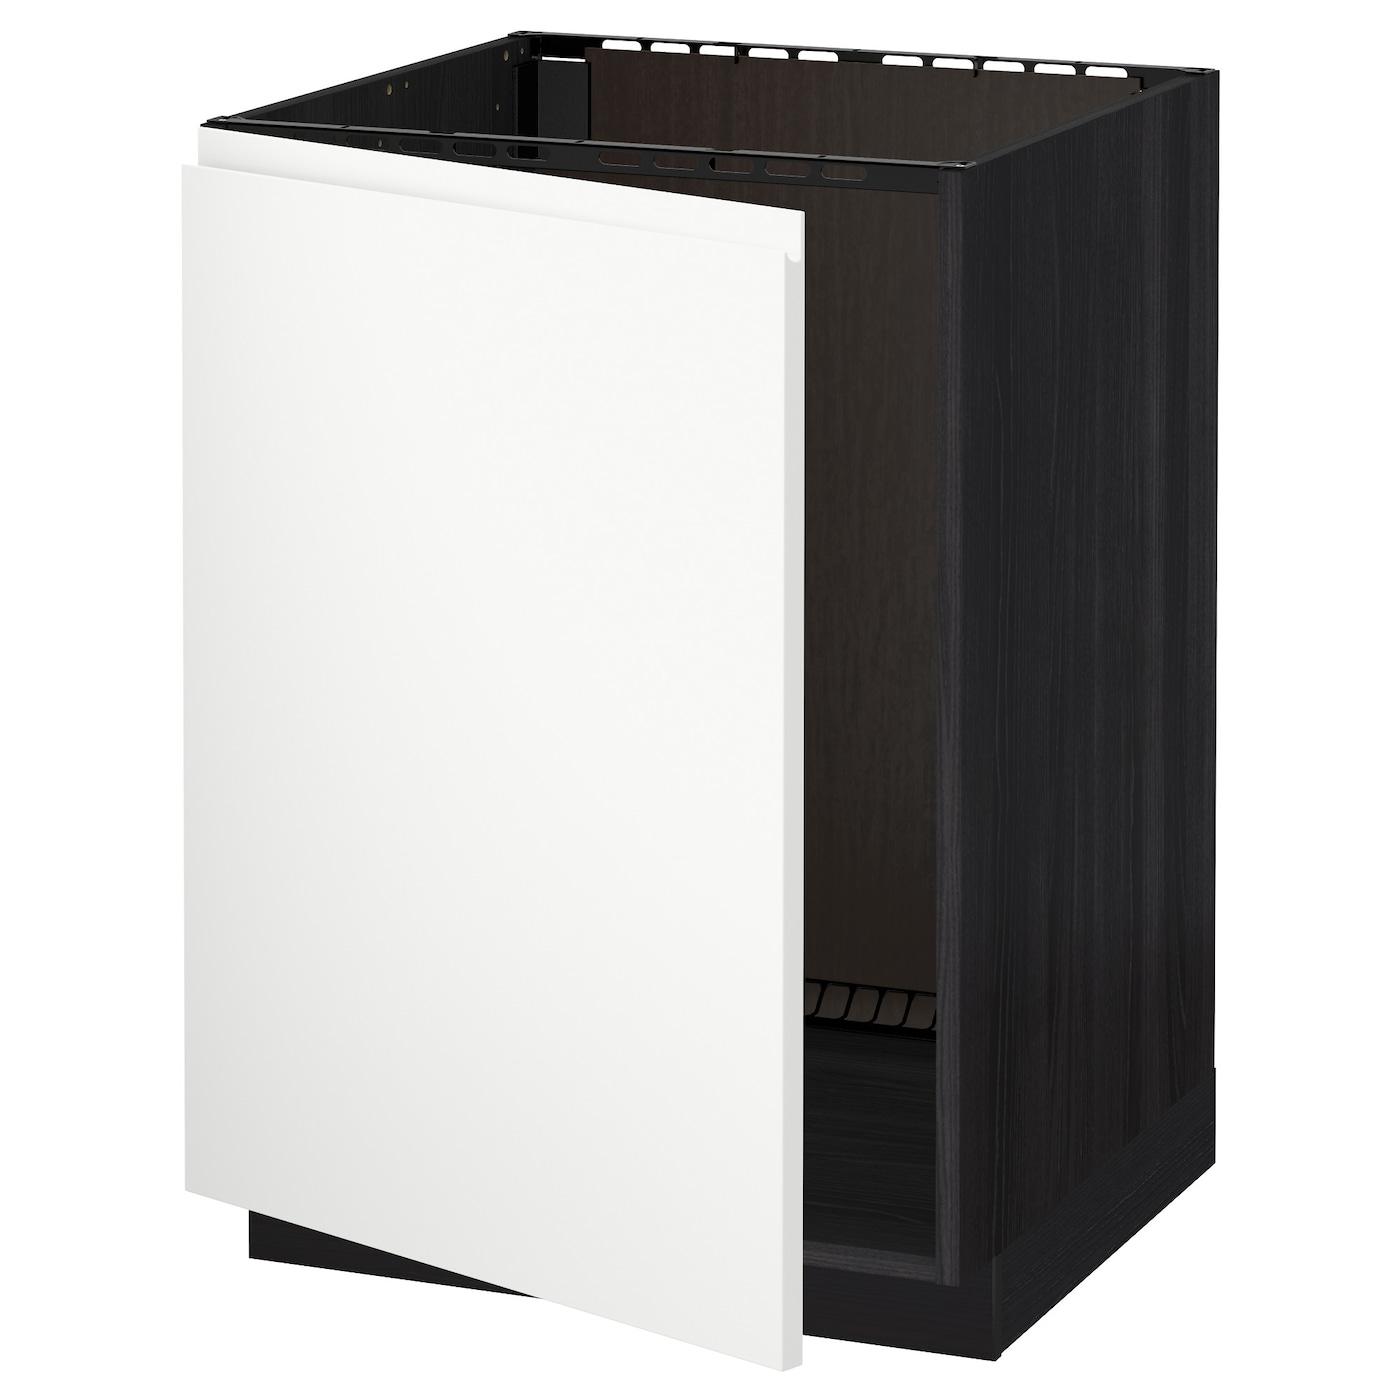 Metod base cabinet for sink black voxtorp white 60x60 cm for Black kitchen base cabinets